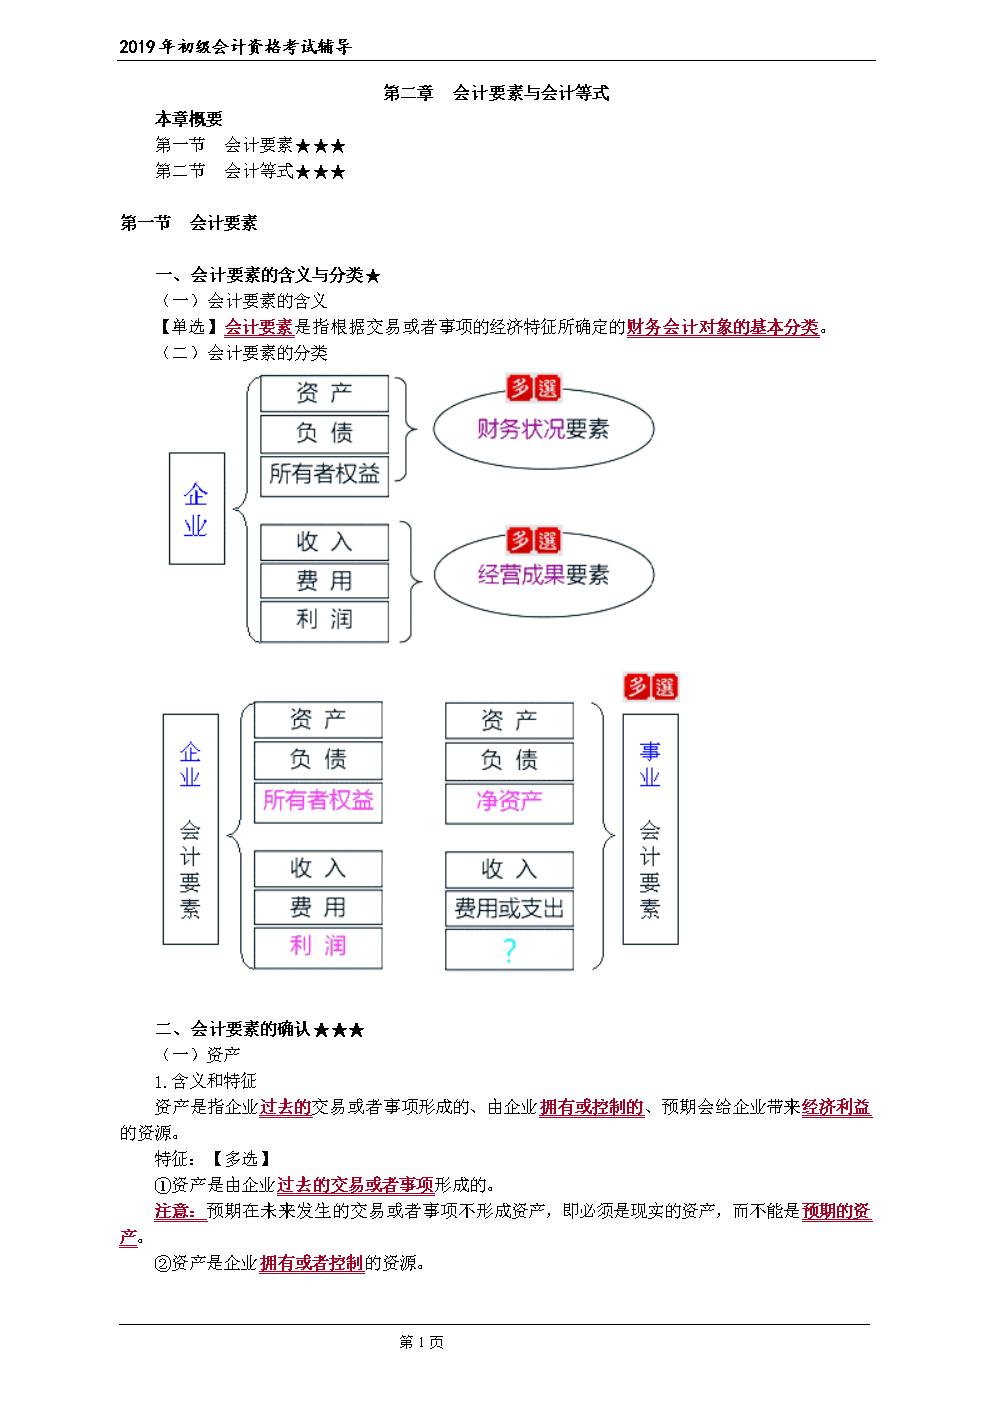 初级会计资格考试辅导讲义(第二章 会计要素与会计等式).doc